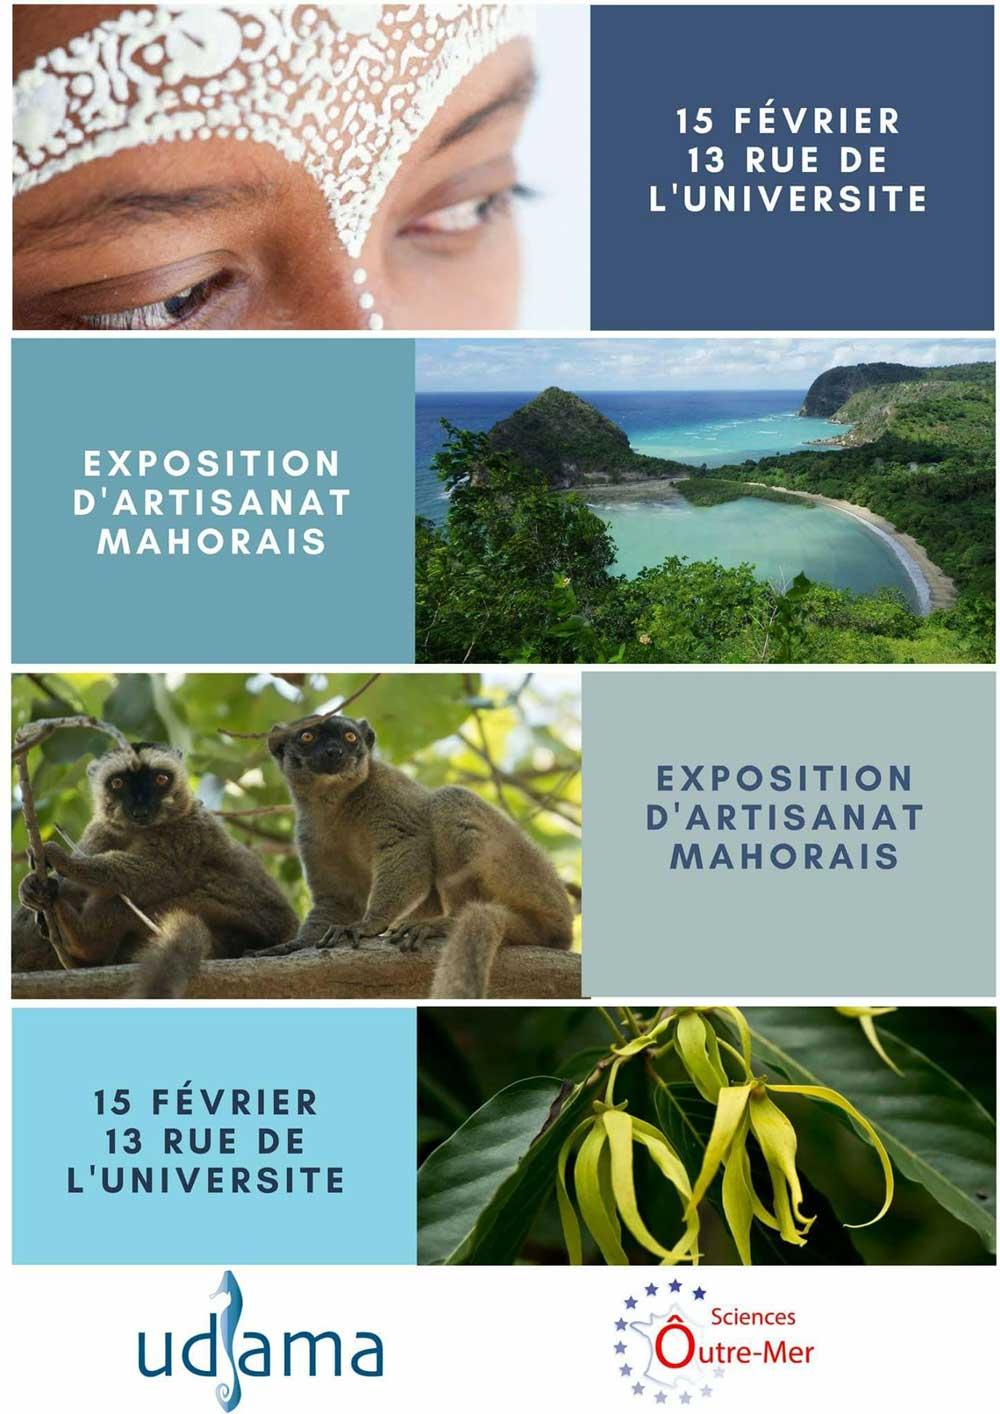 Retour en images de Mayotte à la semaine des outre-mer